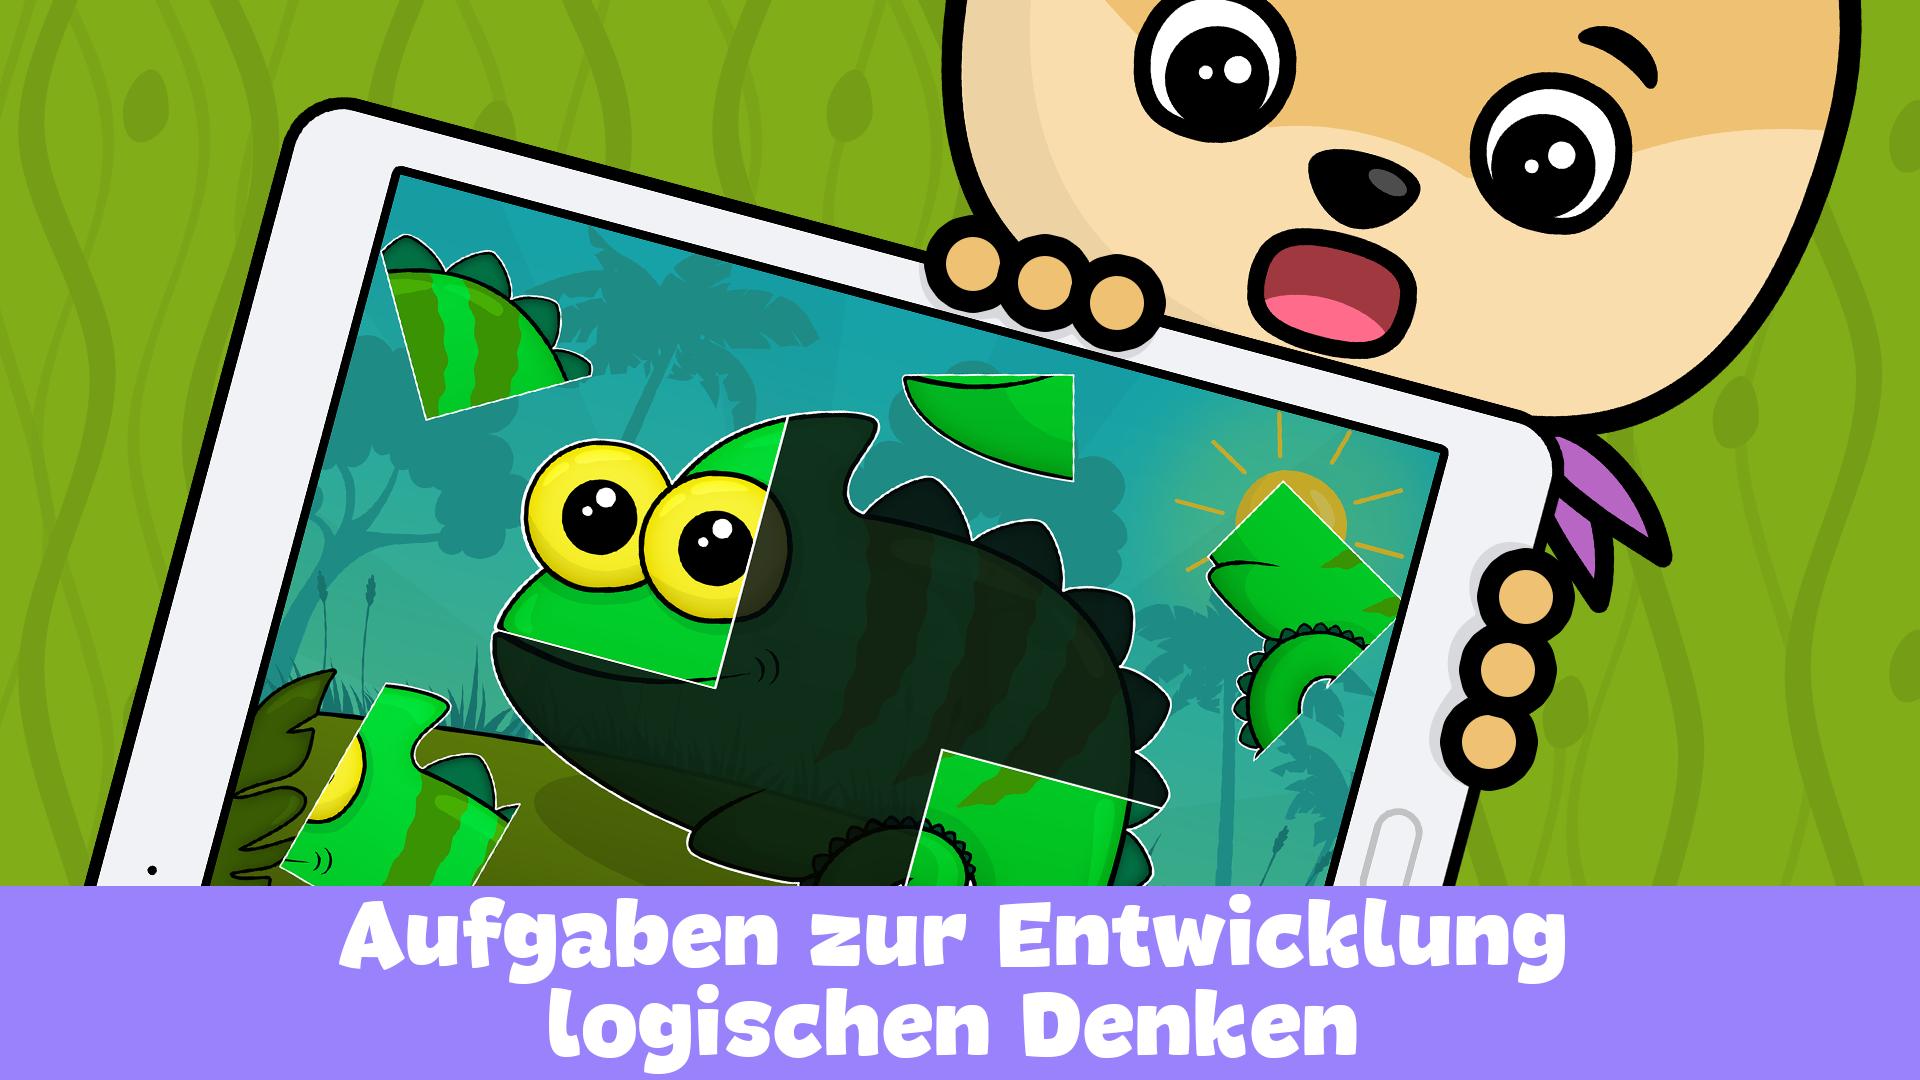 Beste Malspiele Für Jugendliche Fotos - Malvorlagen Von Tieren ...